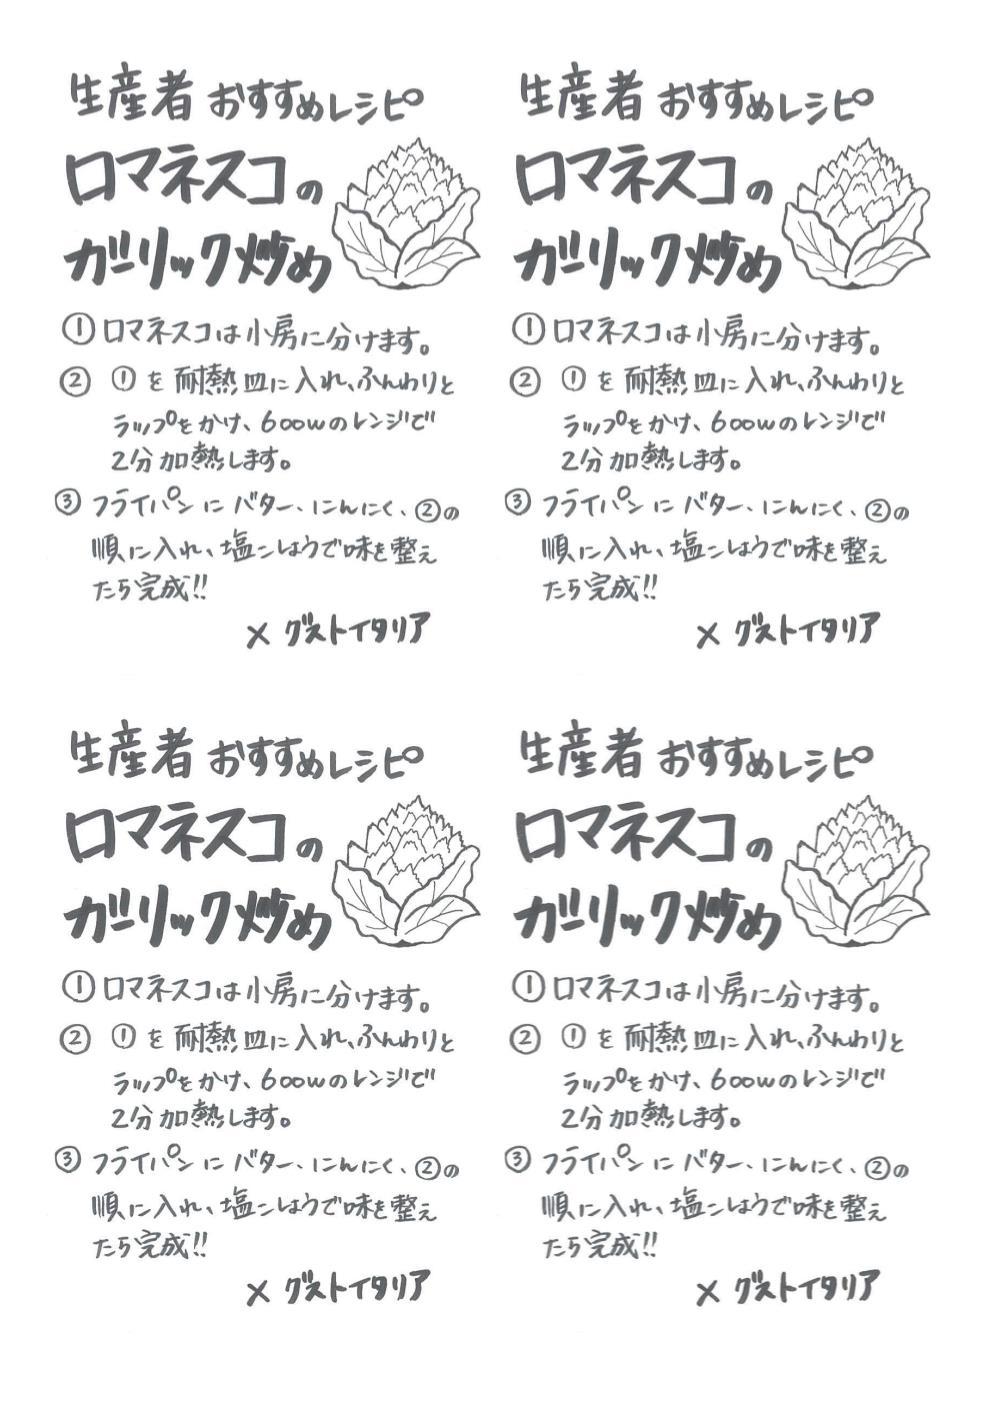 ロマネスコのガーリック炒め手書きレシピ